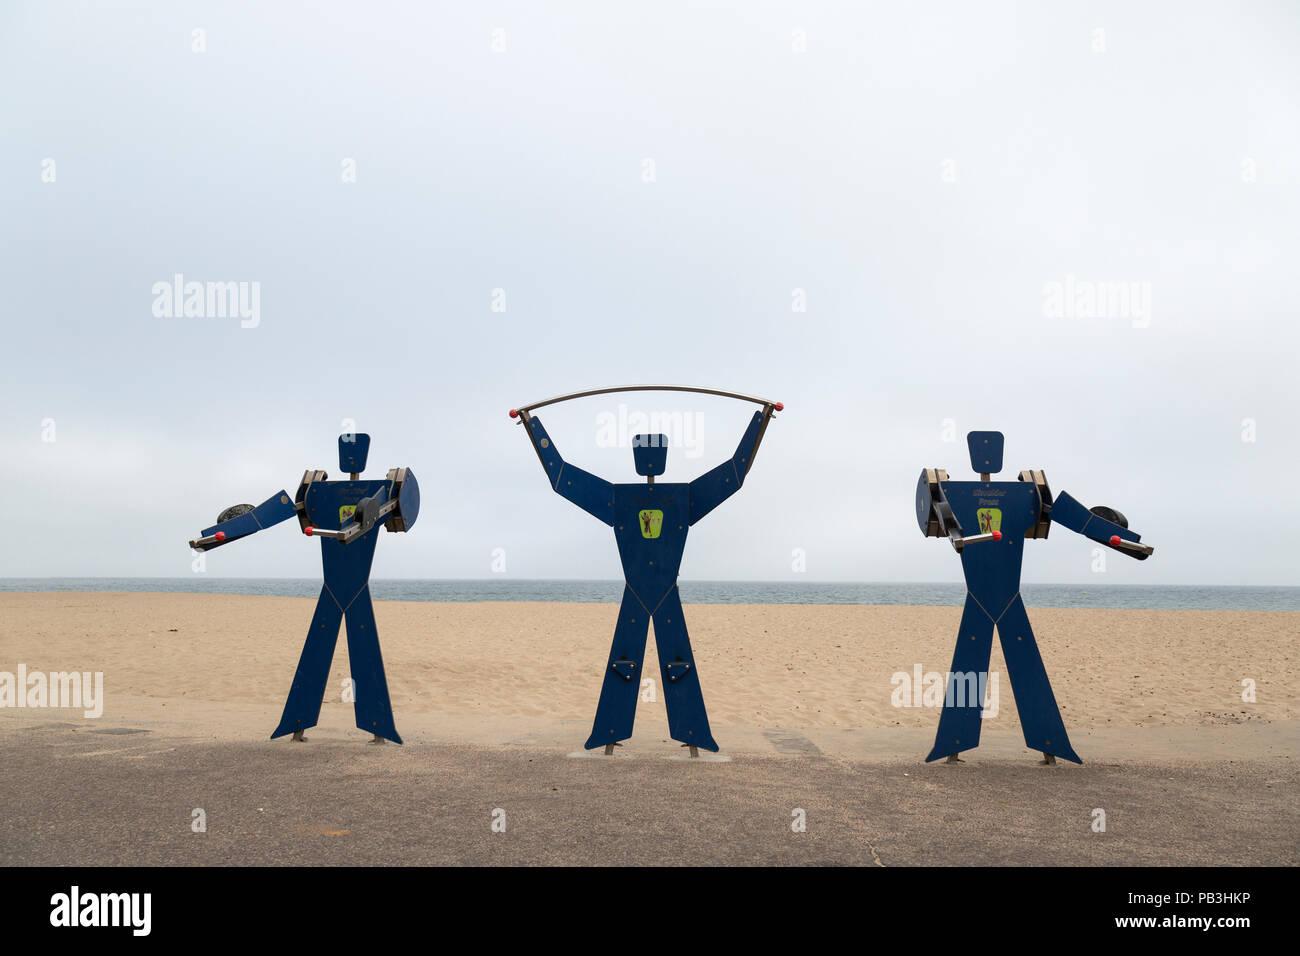 L'équipement d'exercice en forme de figures humaines sur le front de mer à Bournemouth, Angleterre, Royaume-Uni. Photo Stock